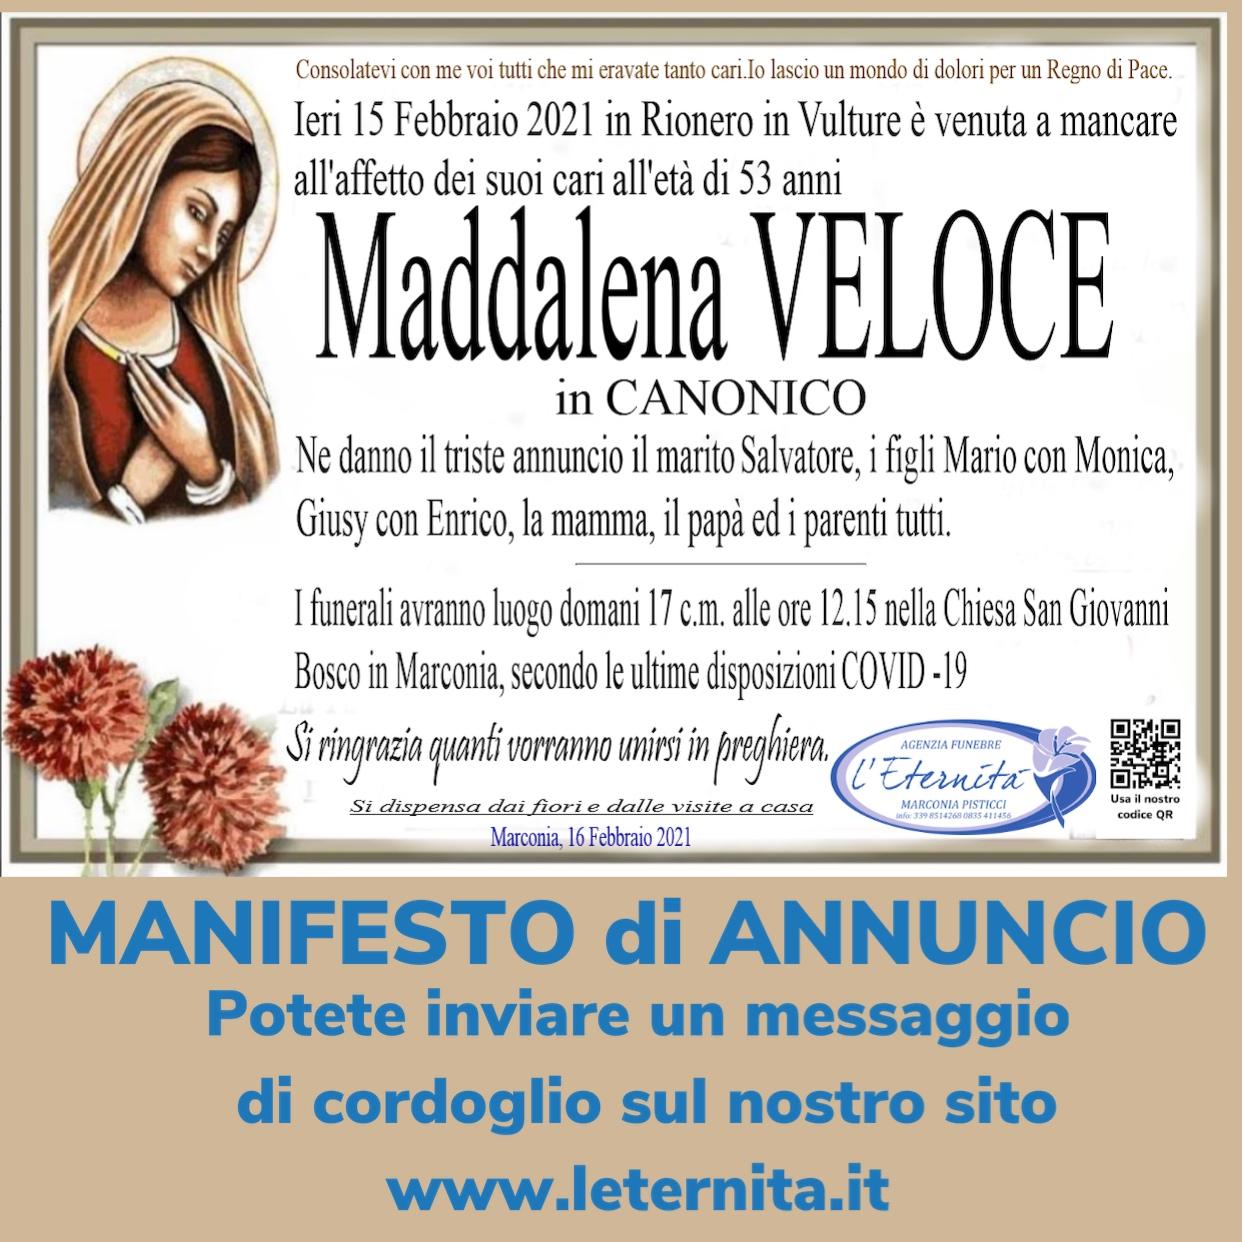 Maddalena VELOCE